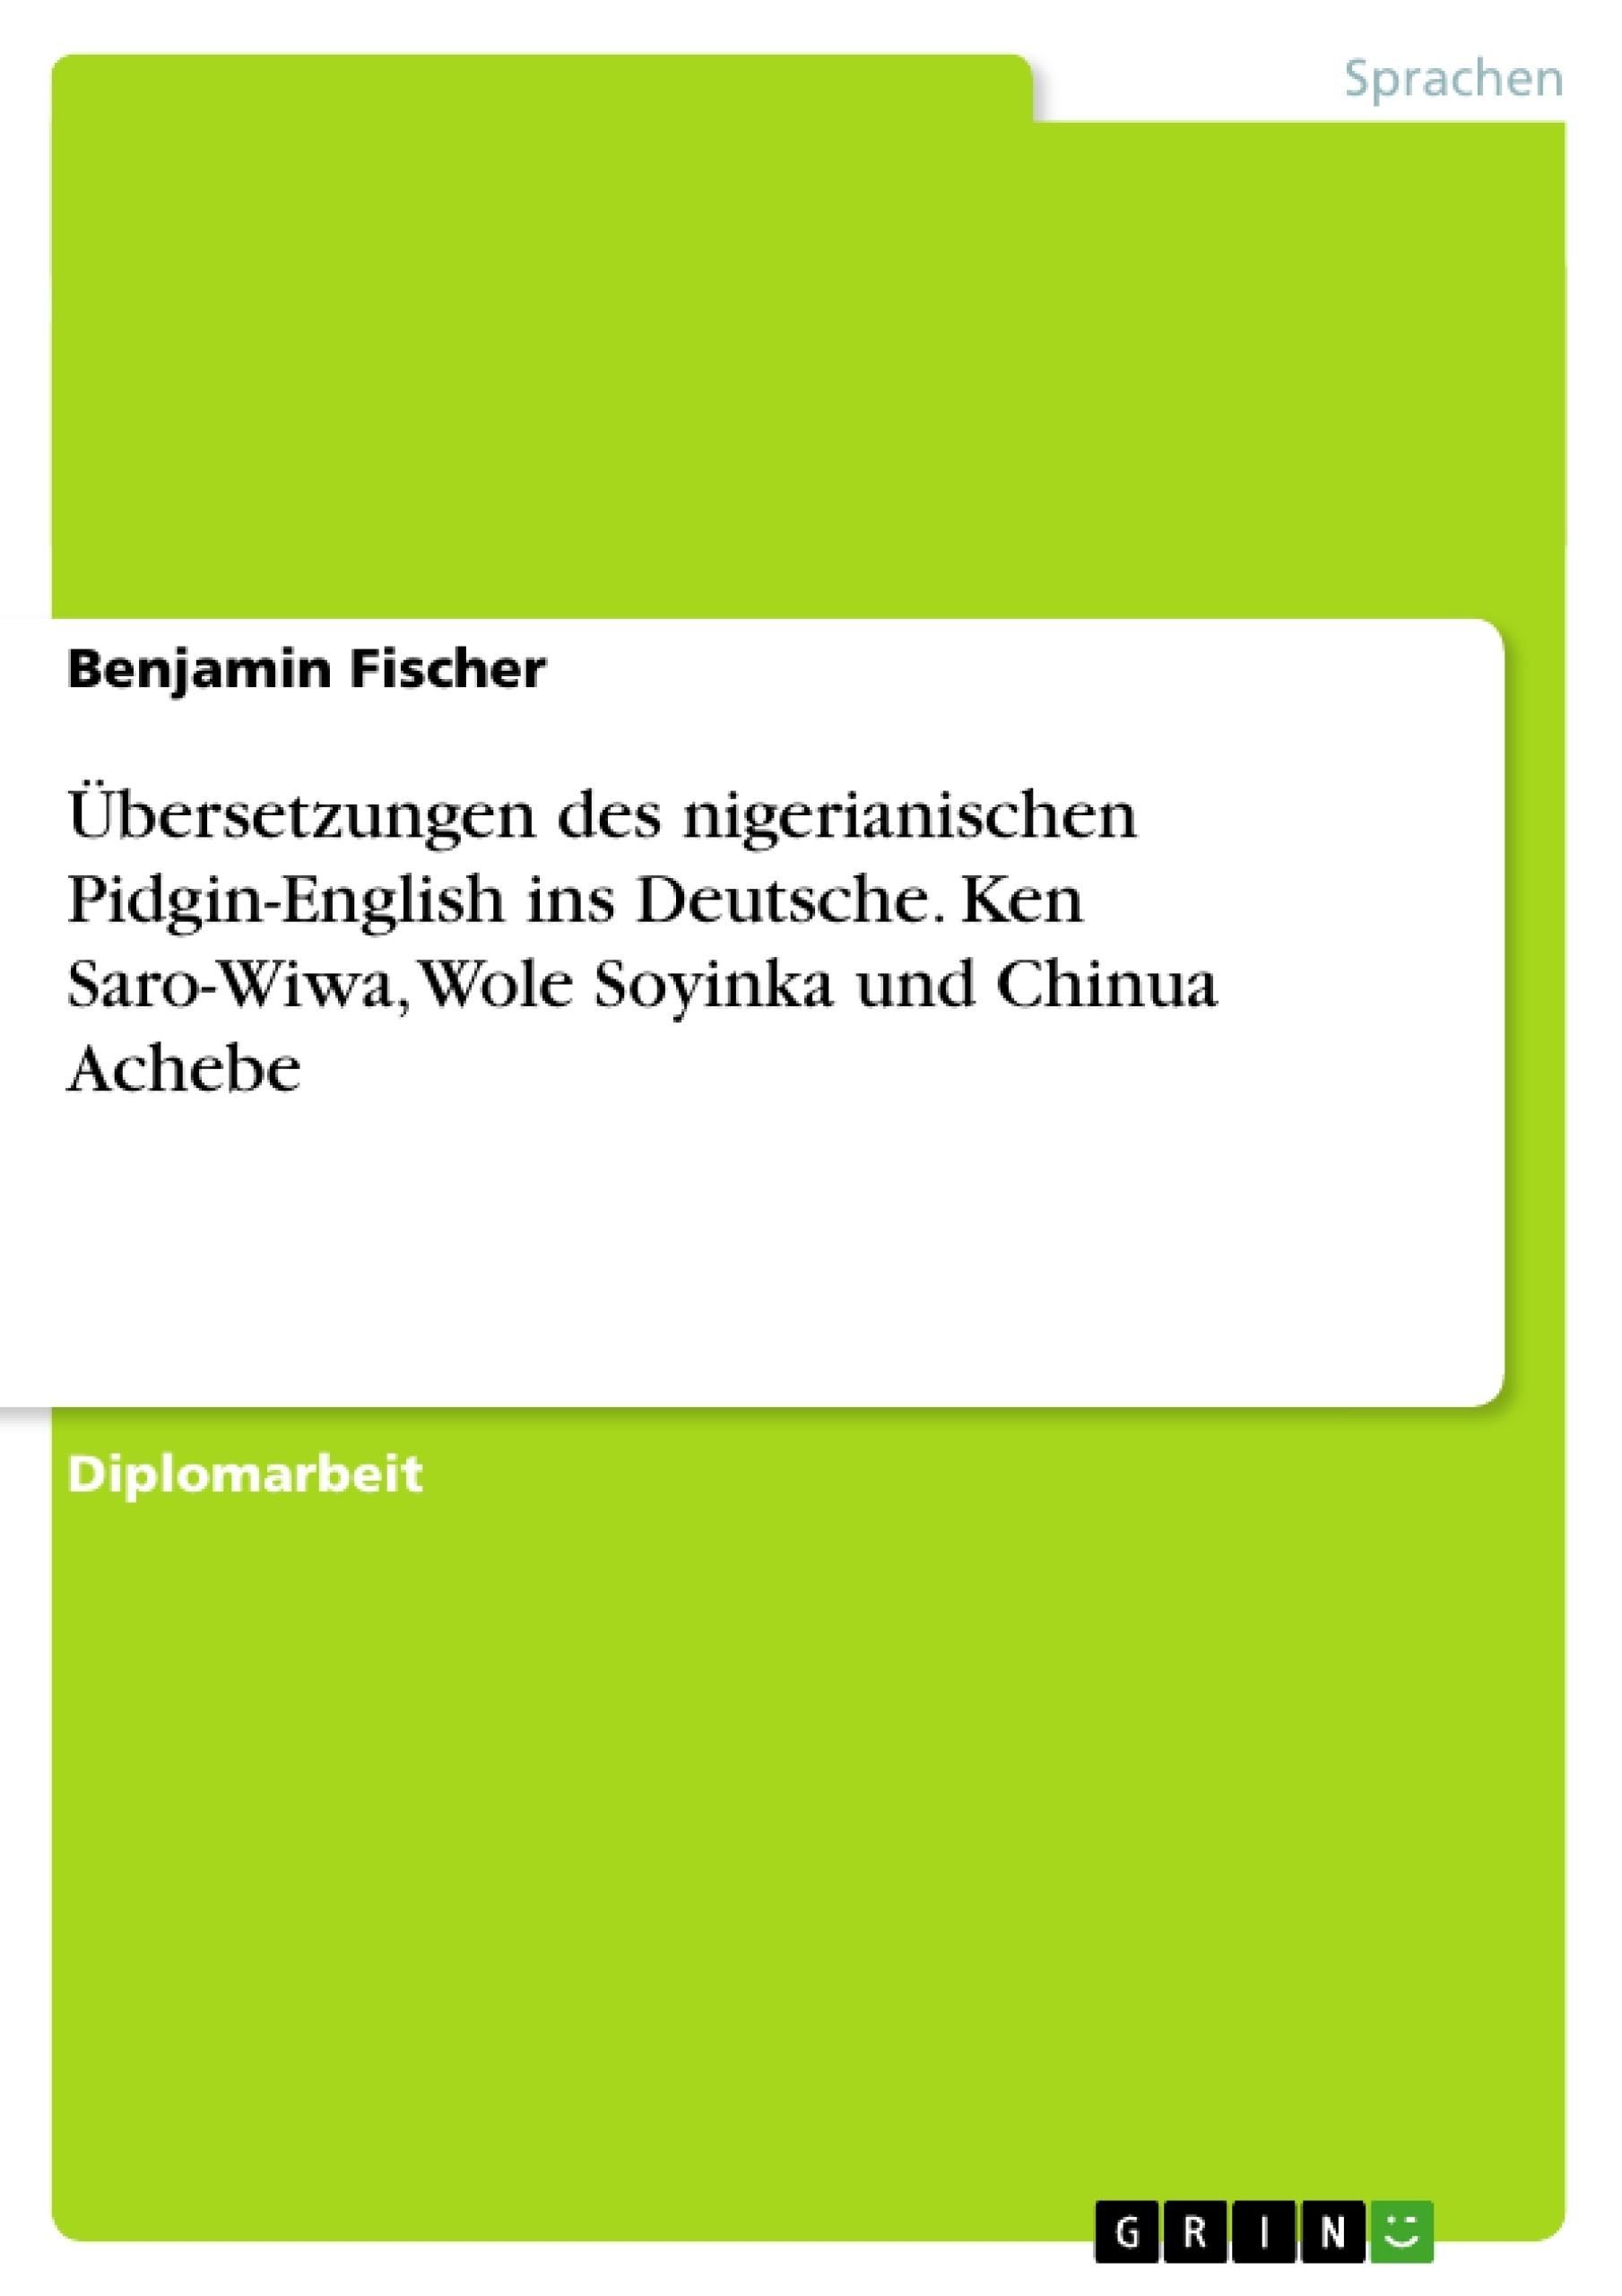 Titel: Übersetzungen des nigerianischen Pidgin-English ins Deutsche. Ken Saro-Wiwa, Wole Soyinka und Chinua Achebe